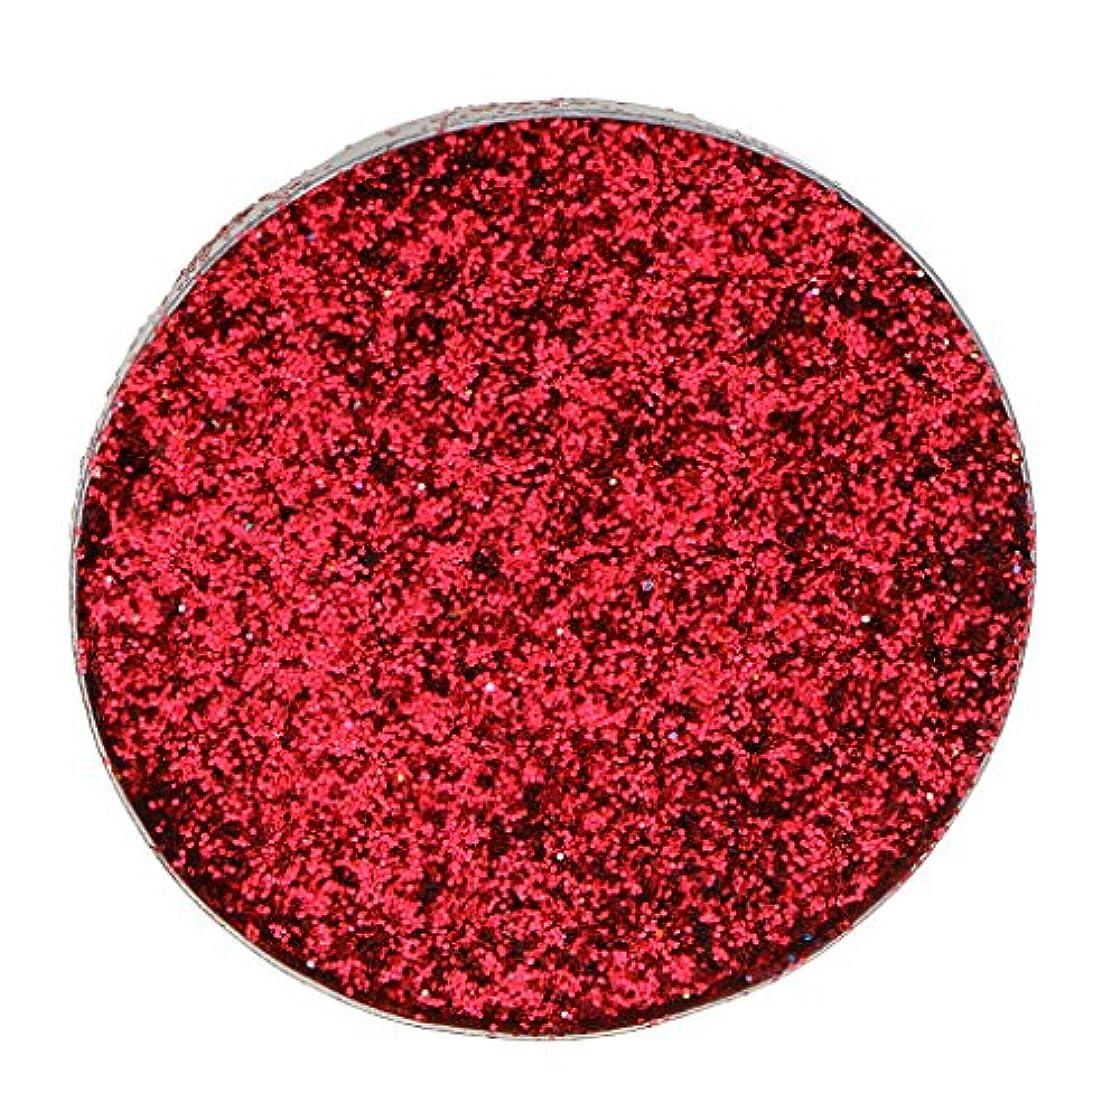 なぜくつろぎ距離ダイヤモンドキラキラ輝き輝くメークアッププレスアイシャドー顔料 - 赤